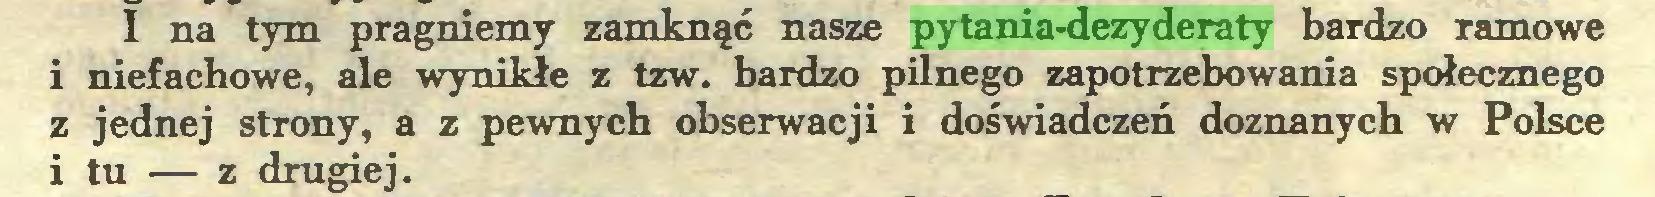 (...) I na tym pragniemy zaniknąć nasze pytania-dezyderaty bardzo ramowe i niefachowe, ale wynikłe z tzw. bardzo pilnego zapotrzebowania społecznego z jednej strony, a z pewnych obserwacji i doświadczeń doznanych w Polsce i tu — z drugiej...